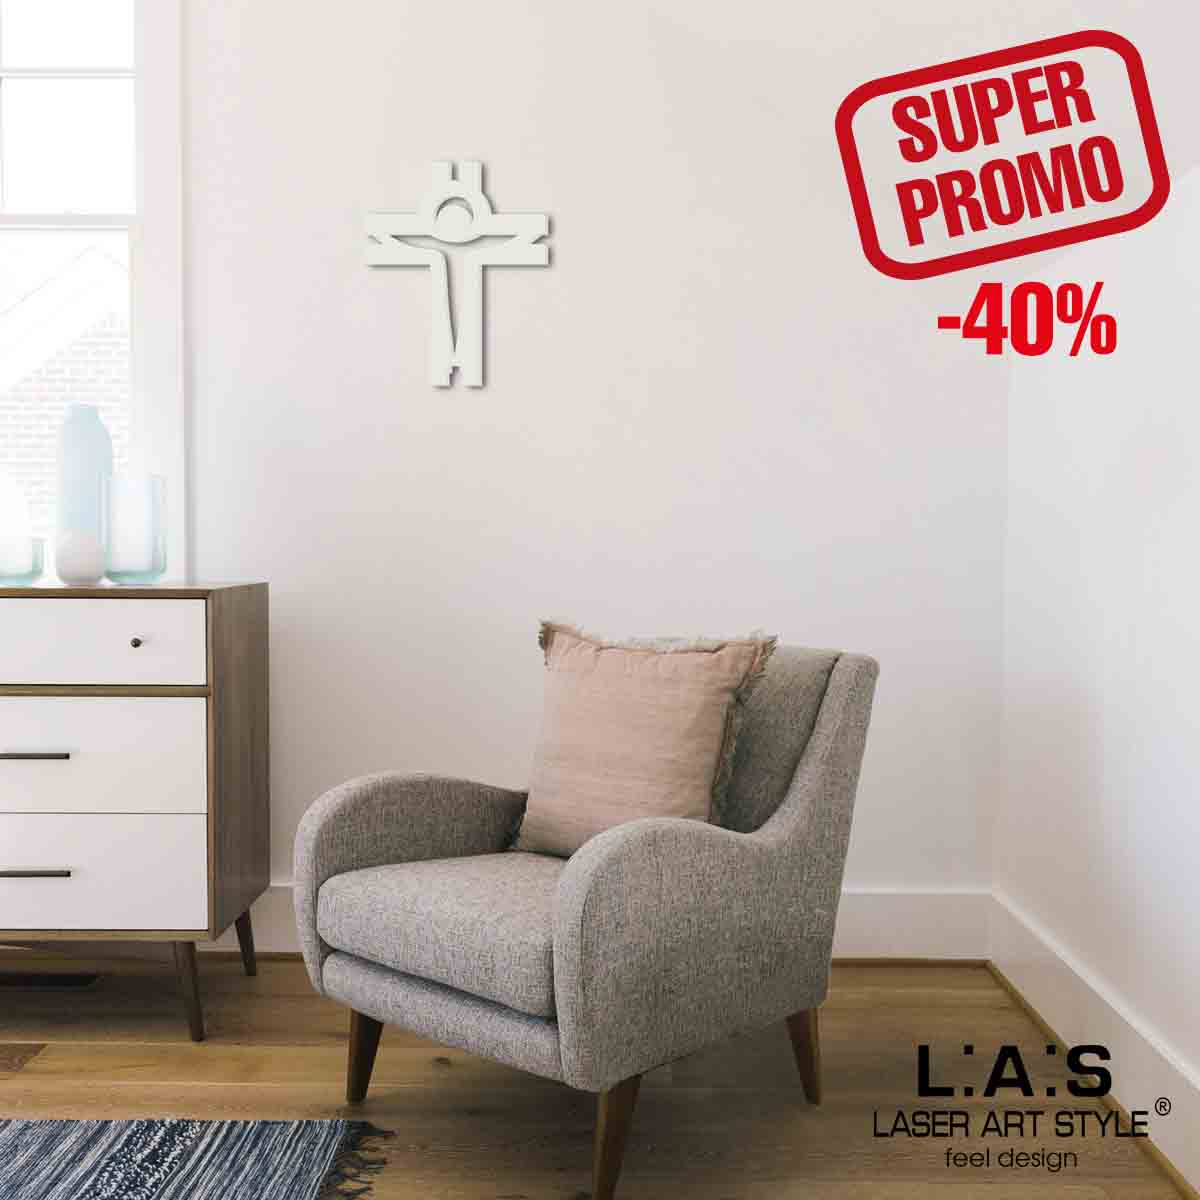 L:A:S - Laser Art Style - CROCIFISSO DA PARETE MODERNO – CR25 PANNA